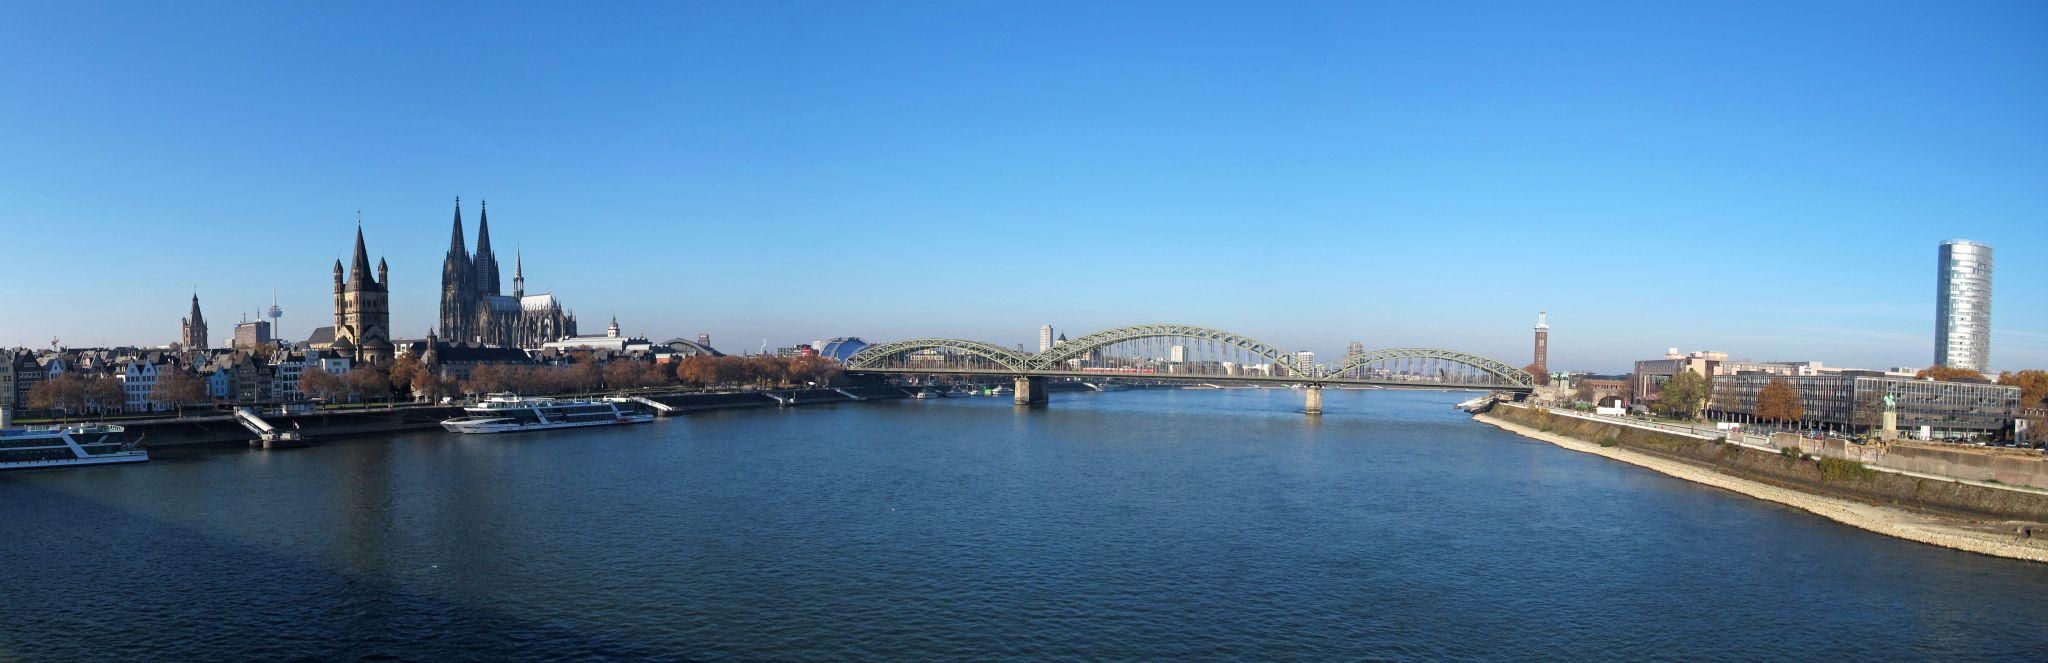 Köln/Cologne Deutzer Brücke, Germany